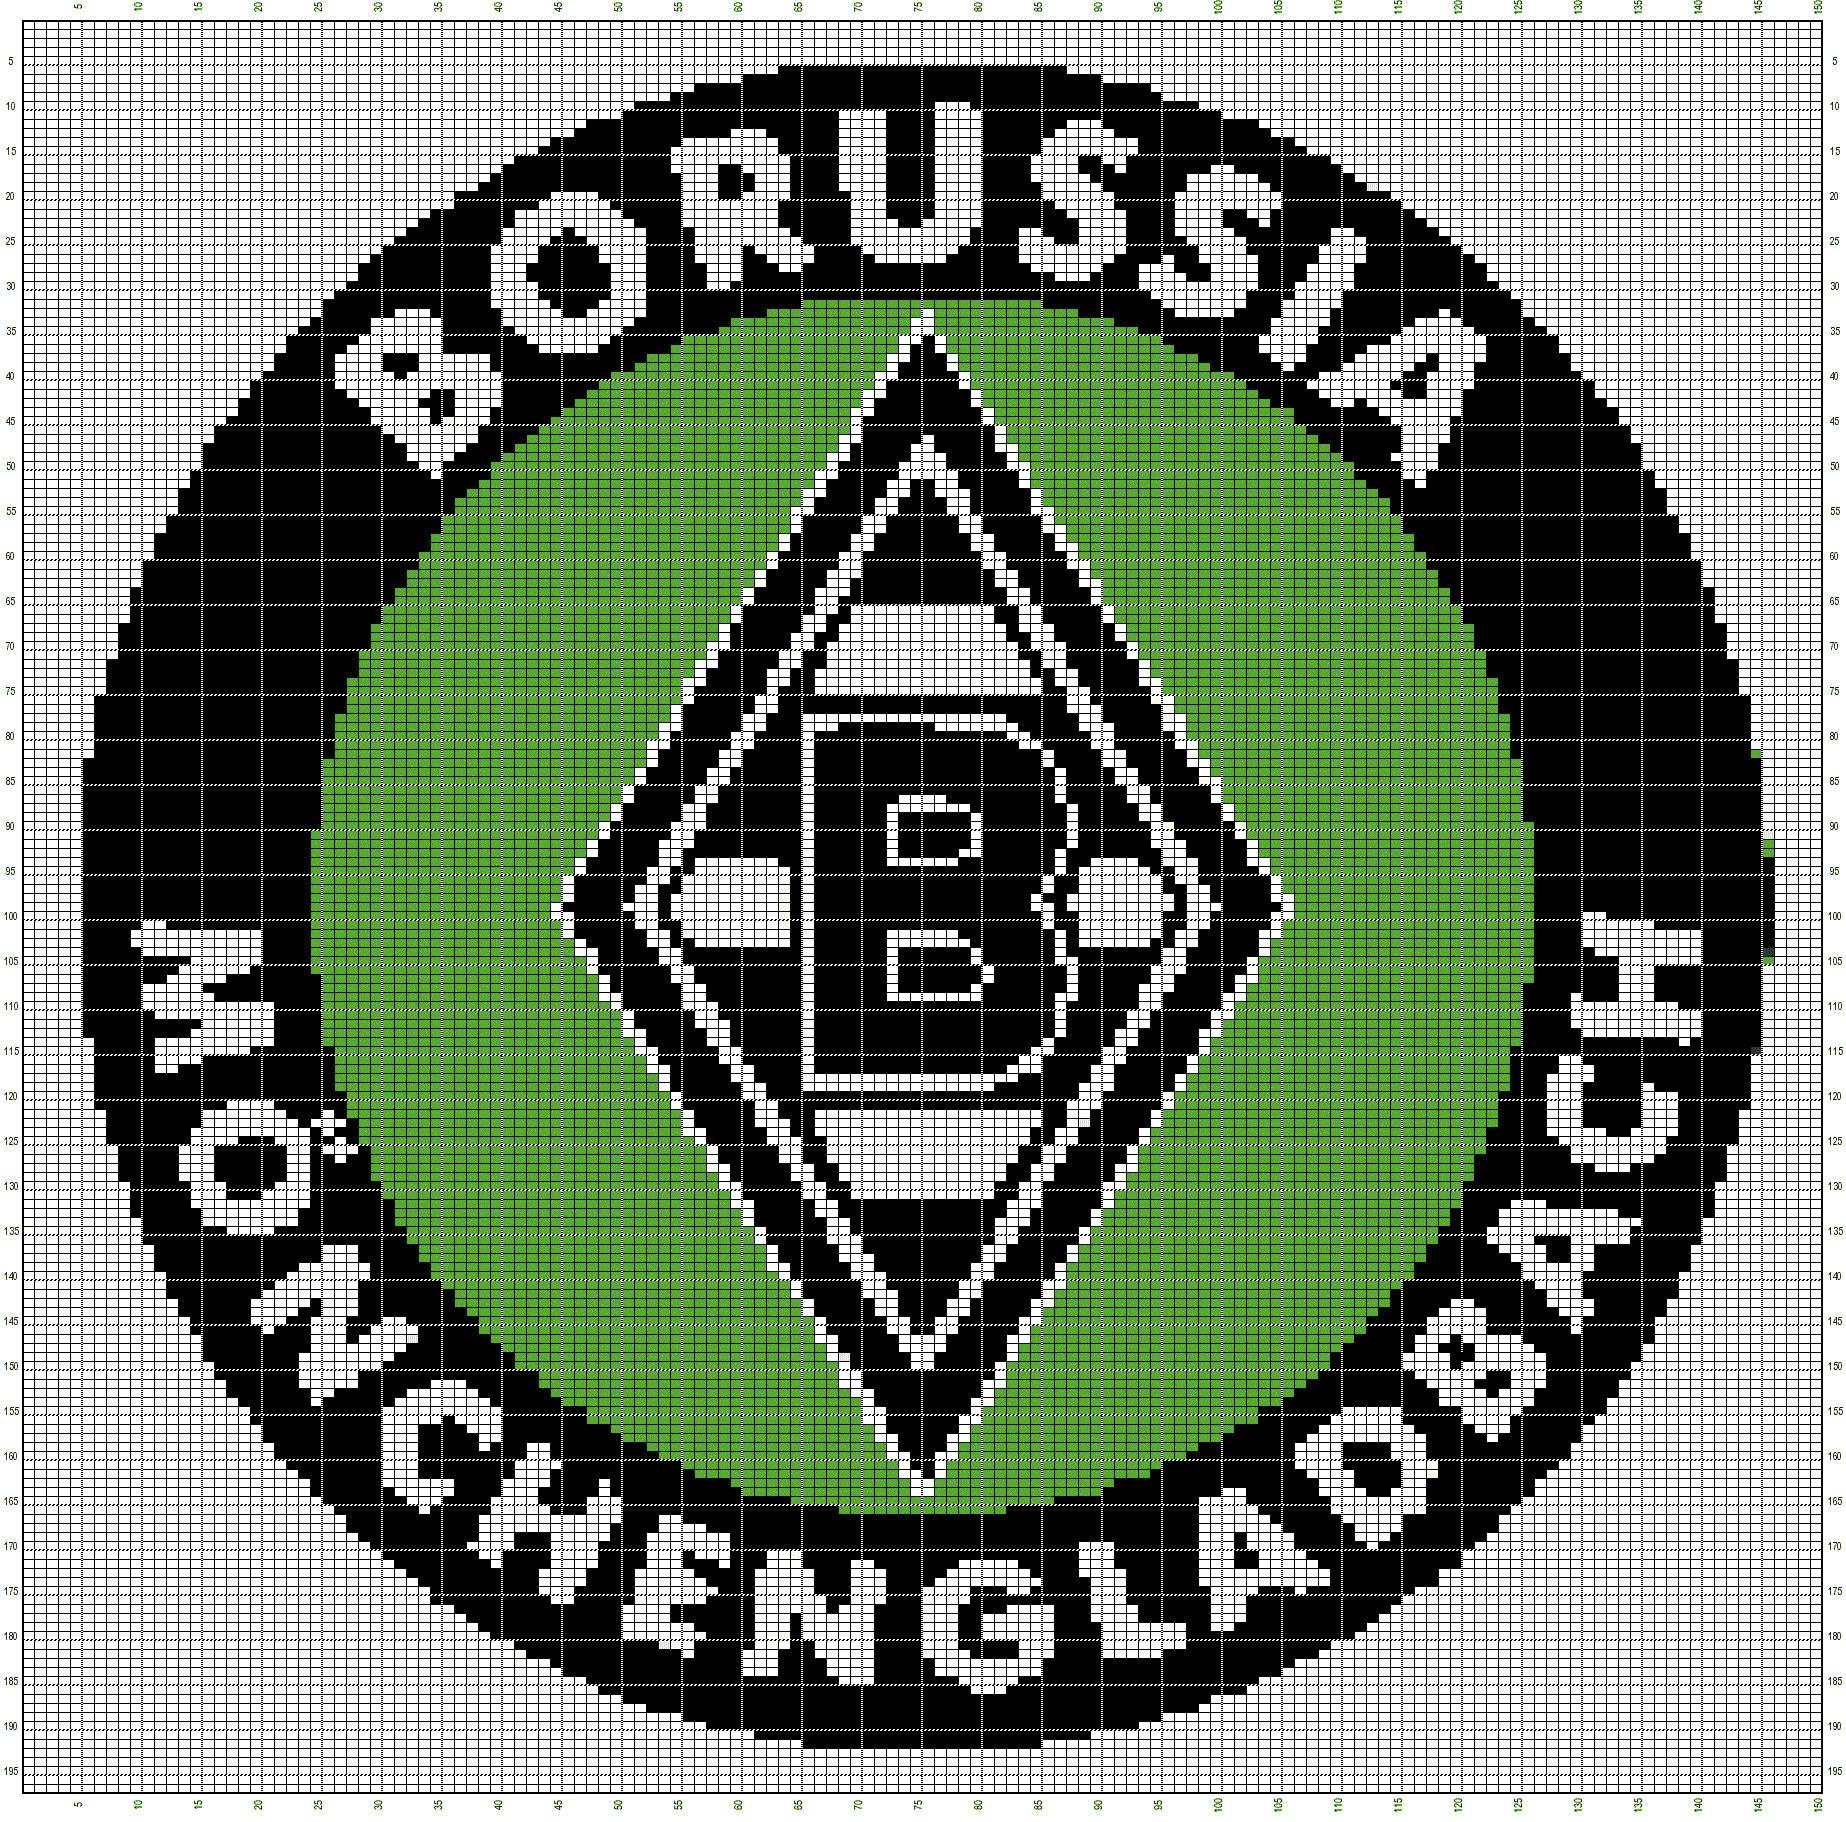 Fc Bayern Logo Zum Ausdrucken Genial 46 Genial Fotografie Von Window Color Vorlagen Zum Ausdrucken Luxus Fotografieren